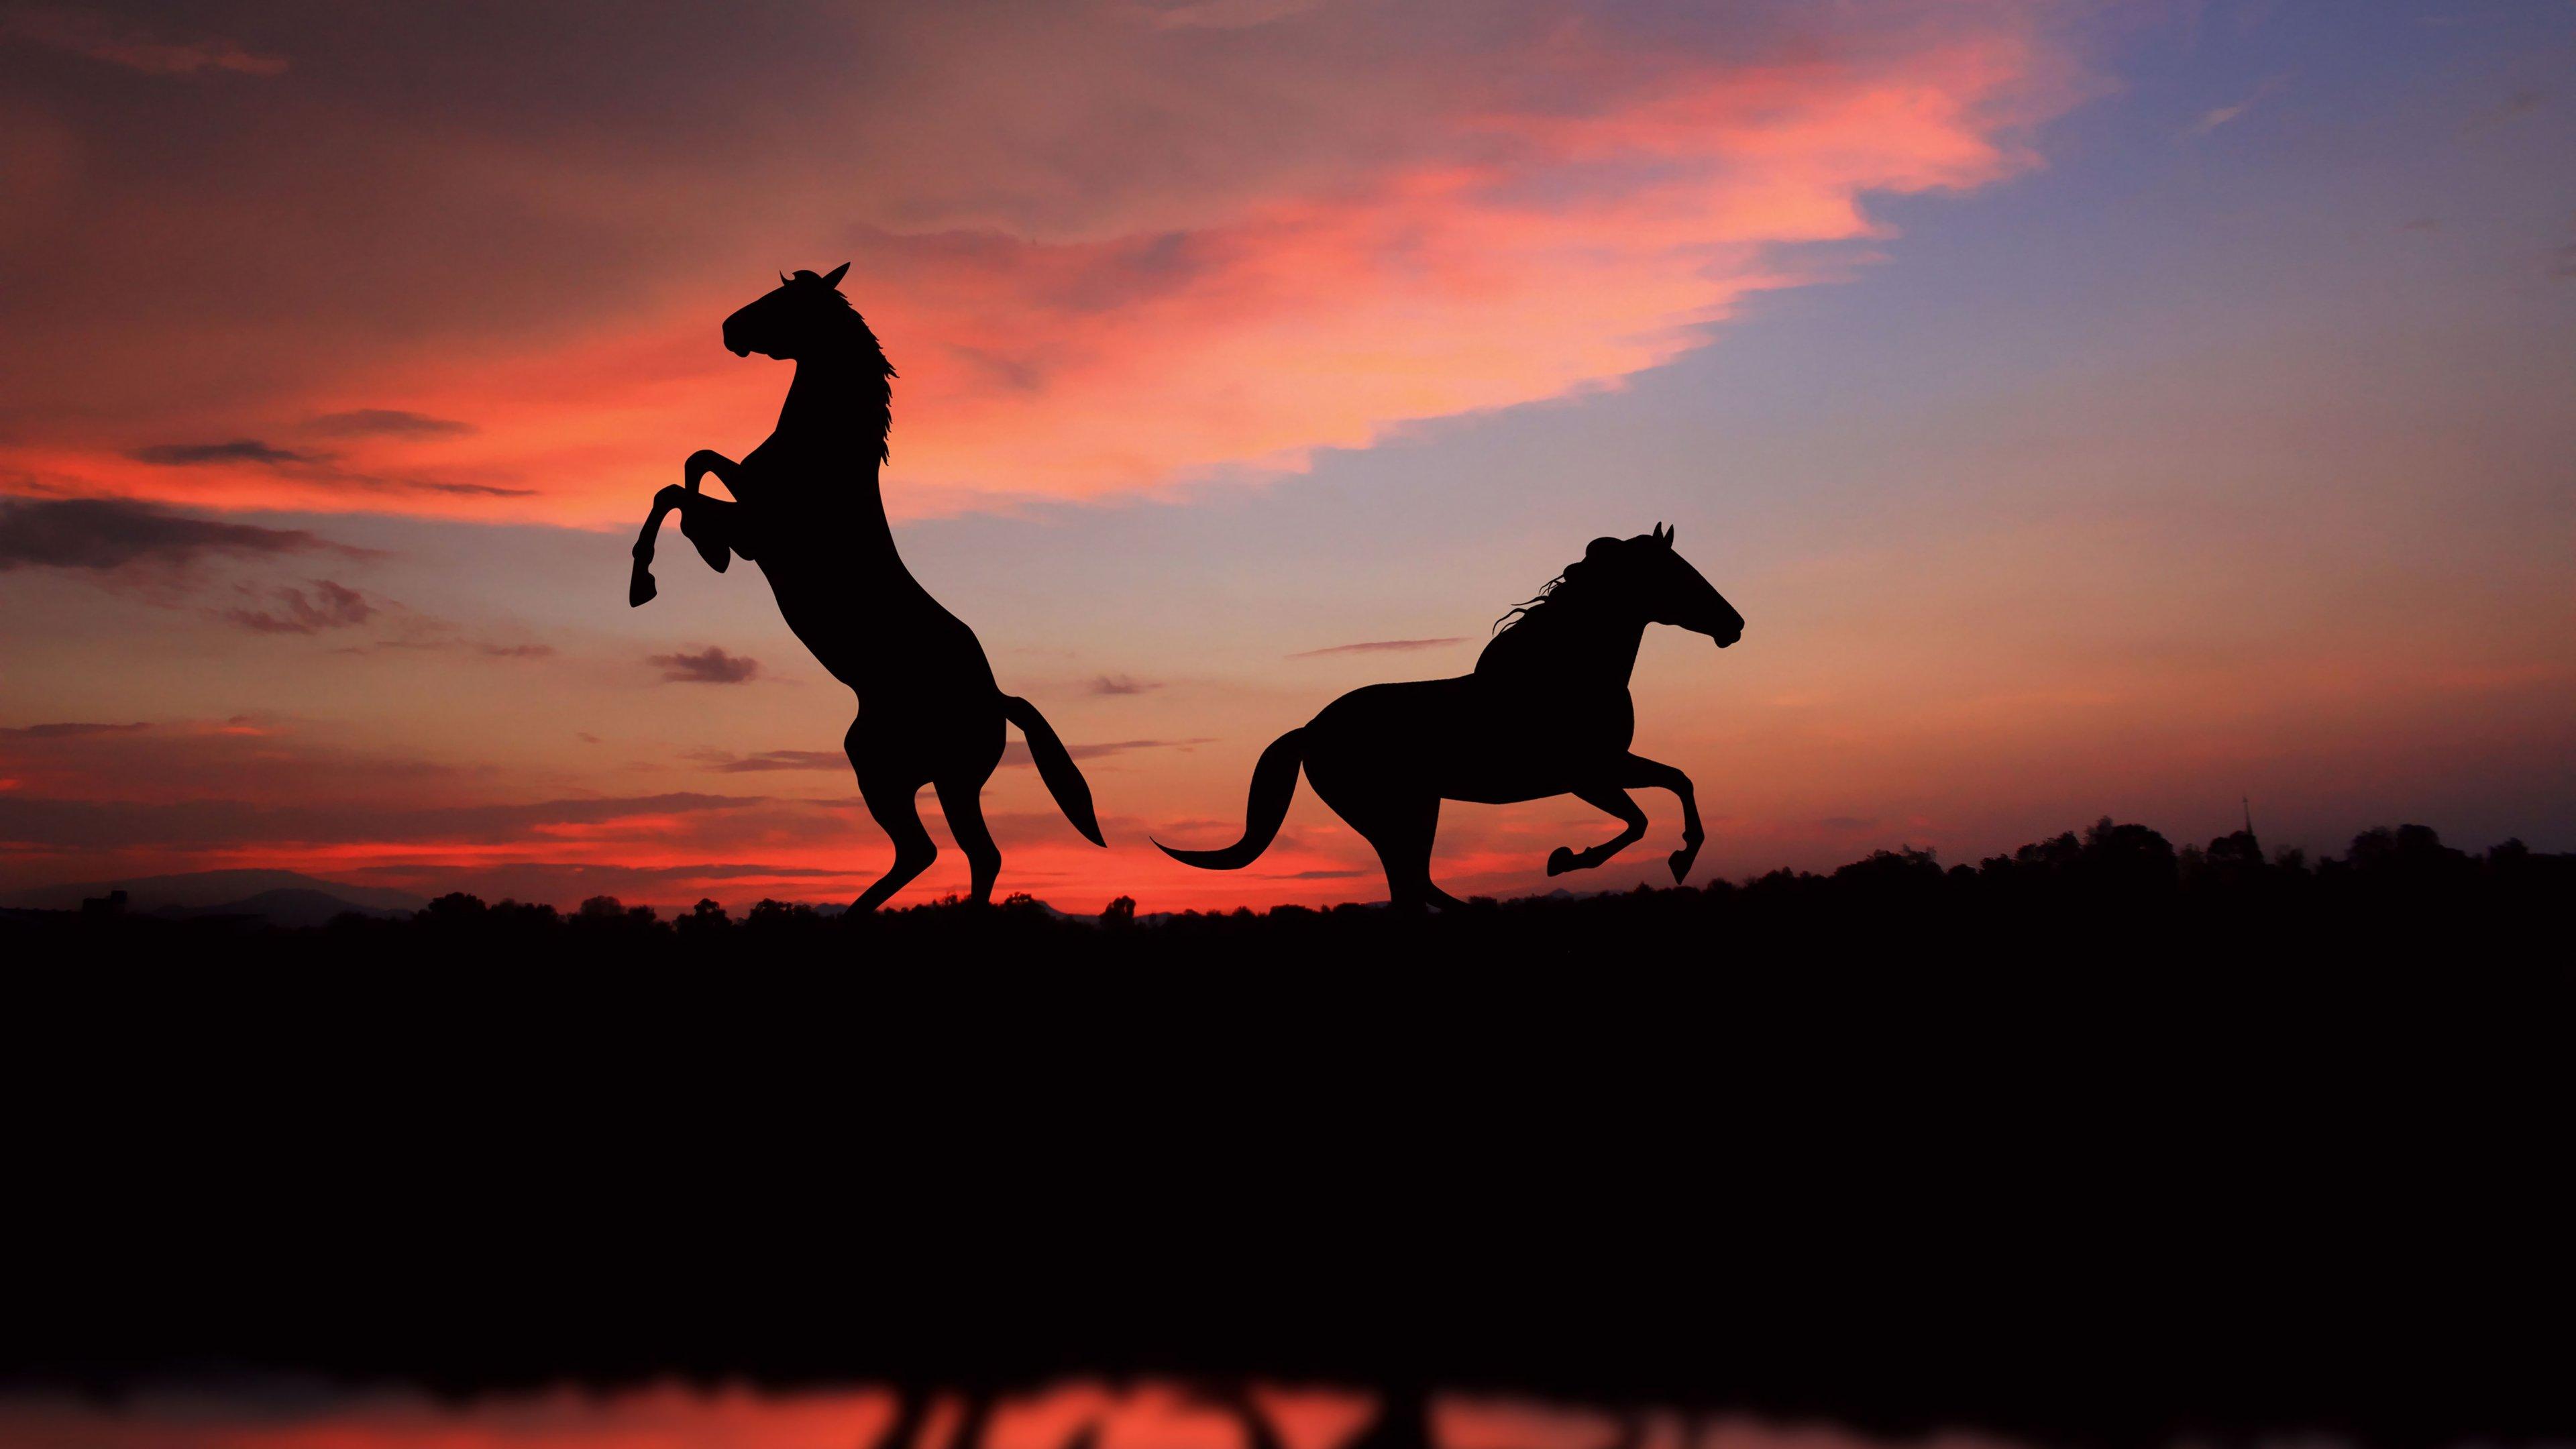 Fondos de pantalla Siluetas de caballos al atardecer